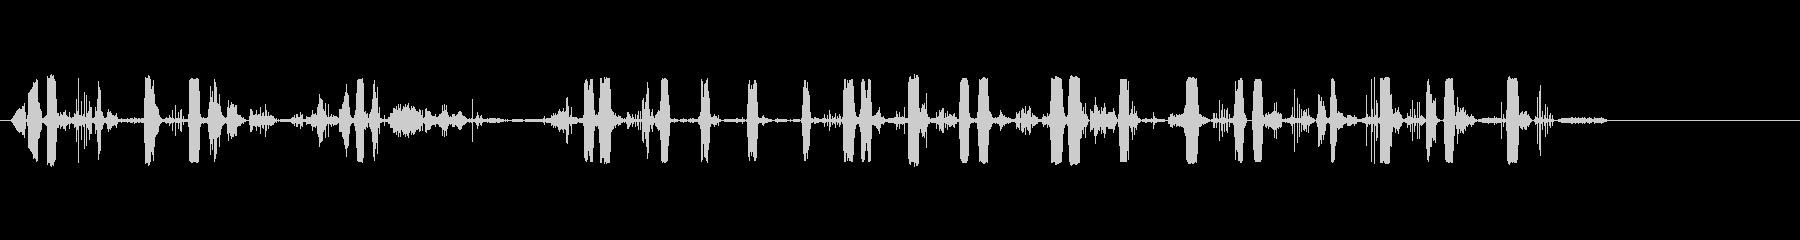 ロットワイラー;パースペクティブを...の未再生の波形